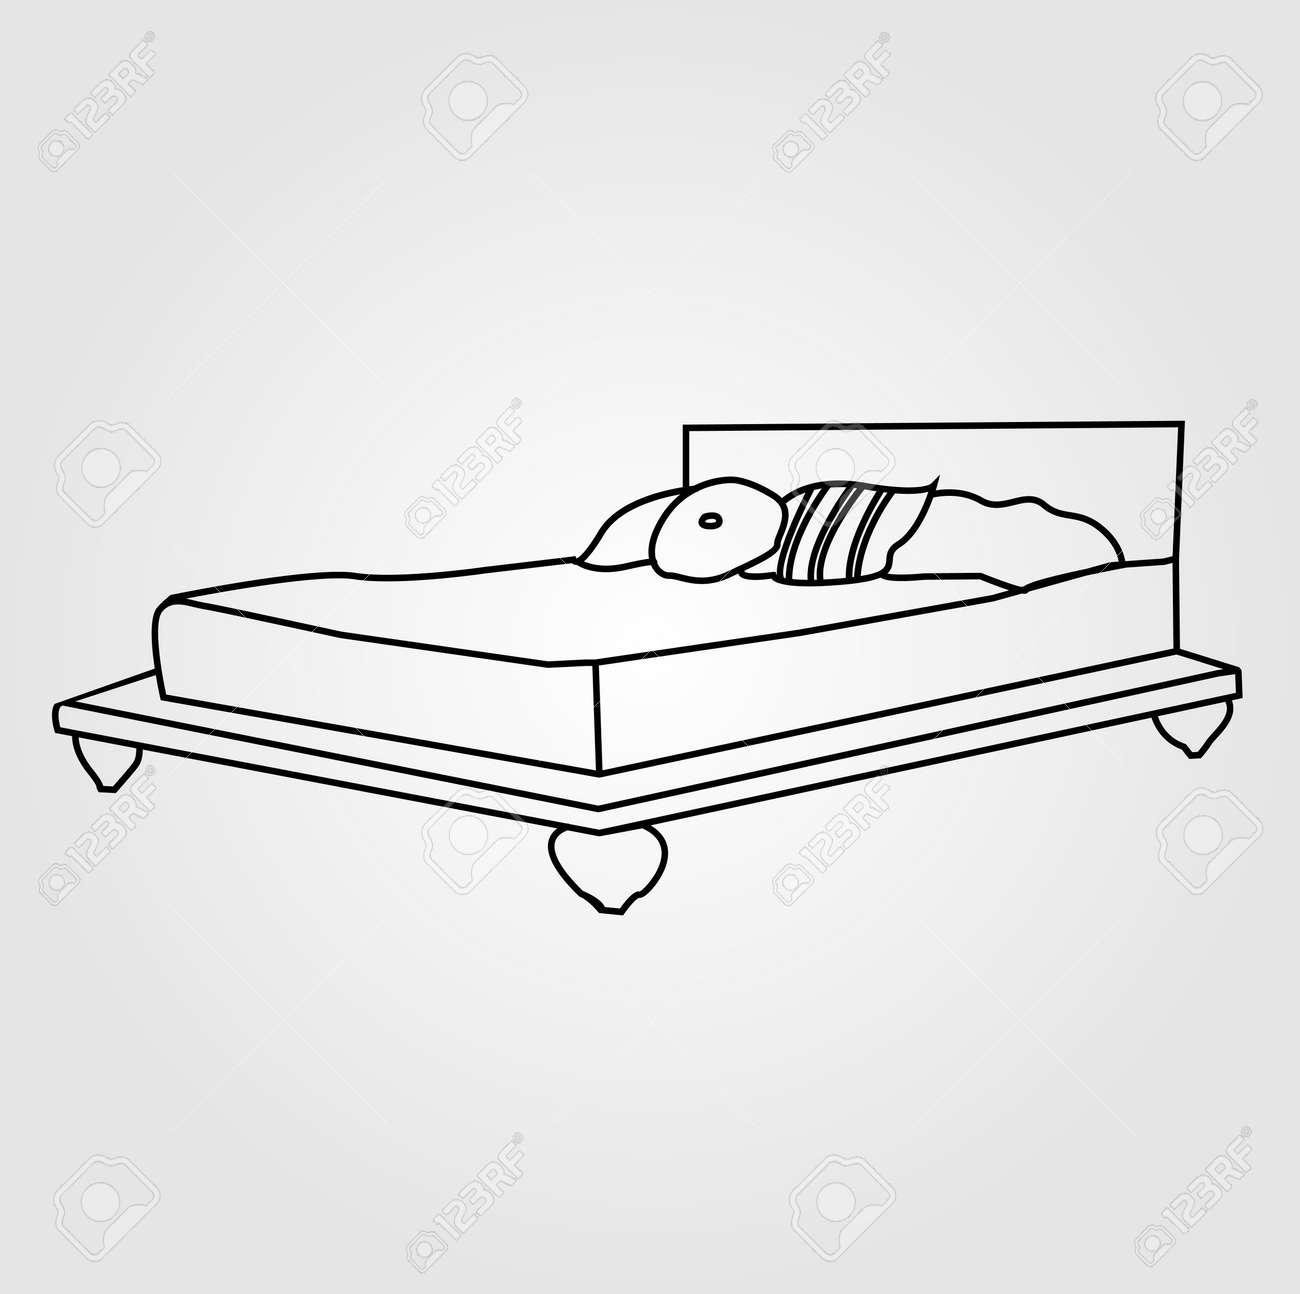 dibujo de muebles de dormitorio ilustraciones vectoriales, clip ... - Dibujo De Muebles